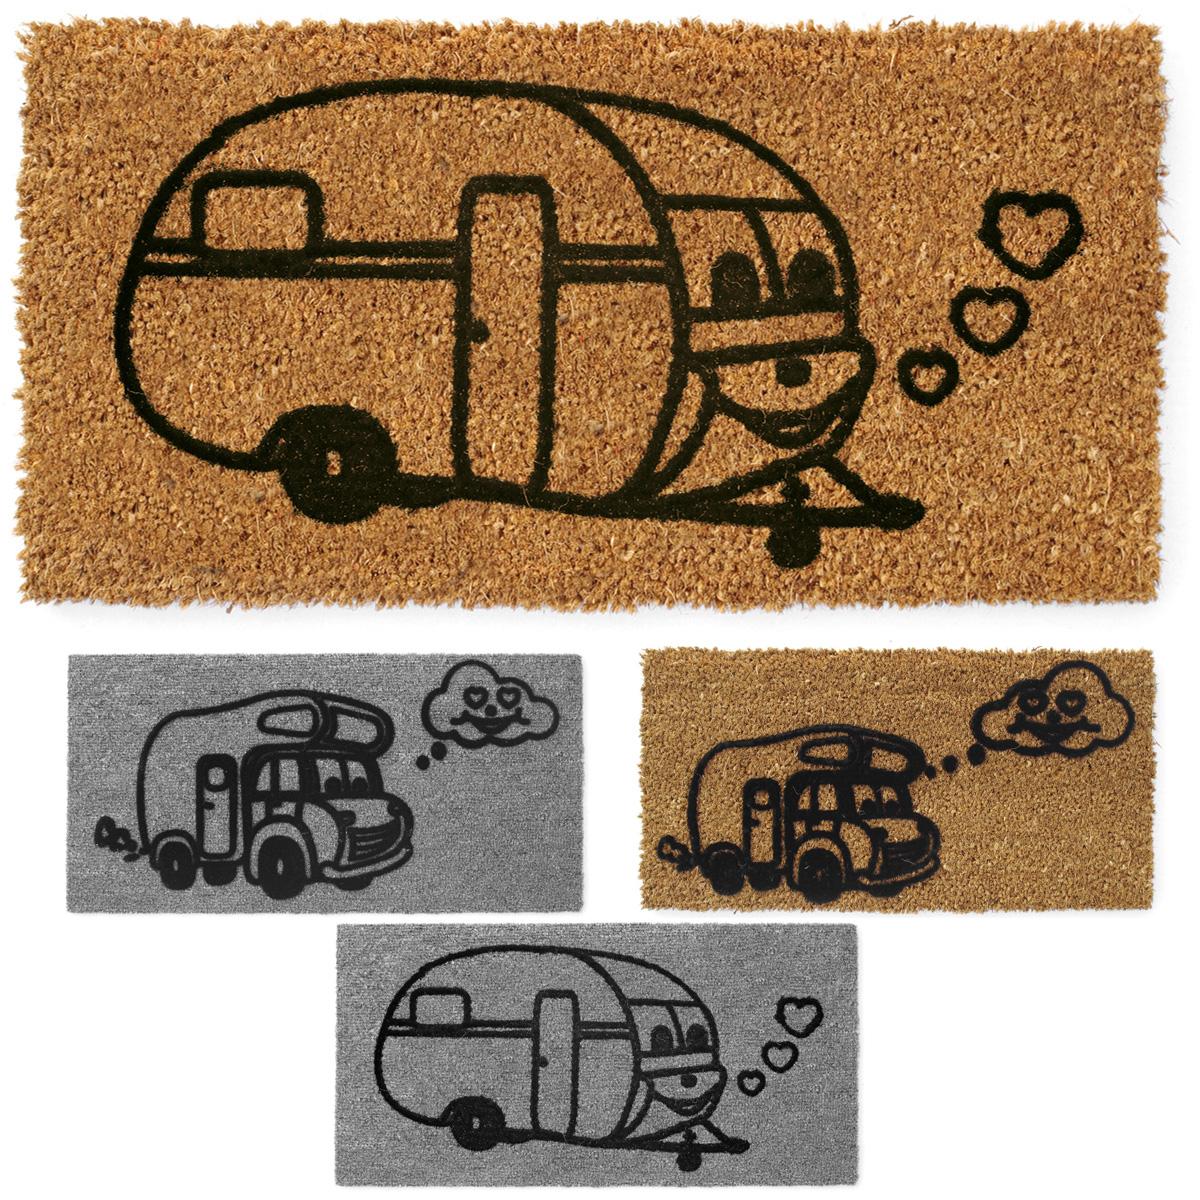 Wohnwagen Fußmatte für Trittstufe 25x50cm Wohnmobil Camping Kokosmatte Nadelfilz